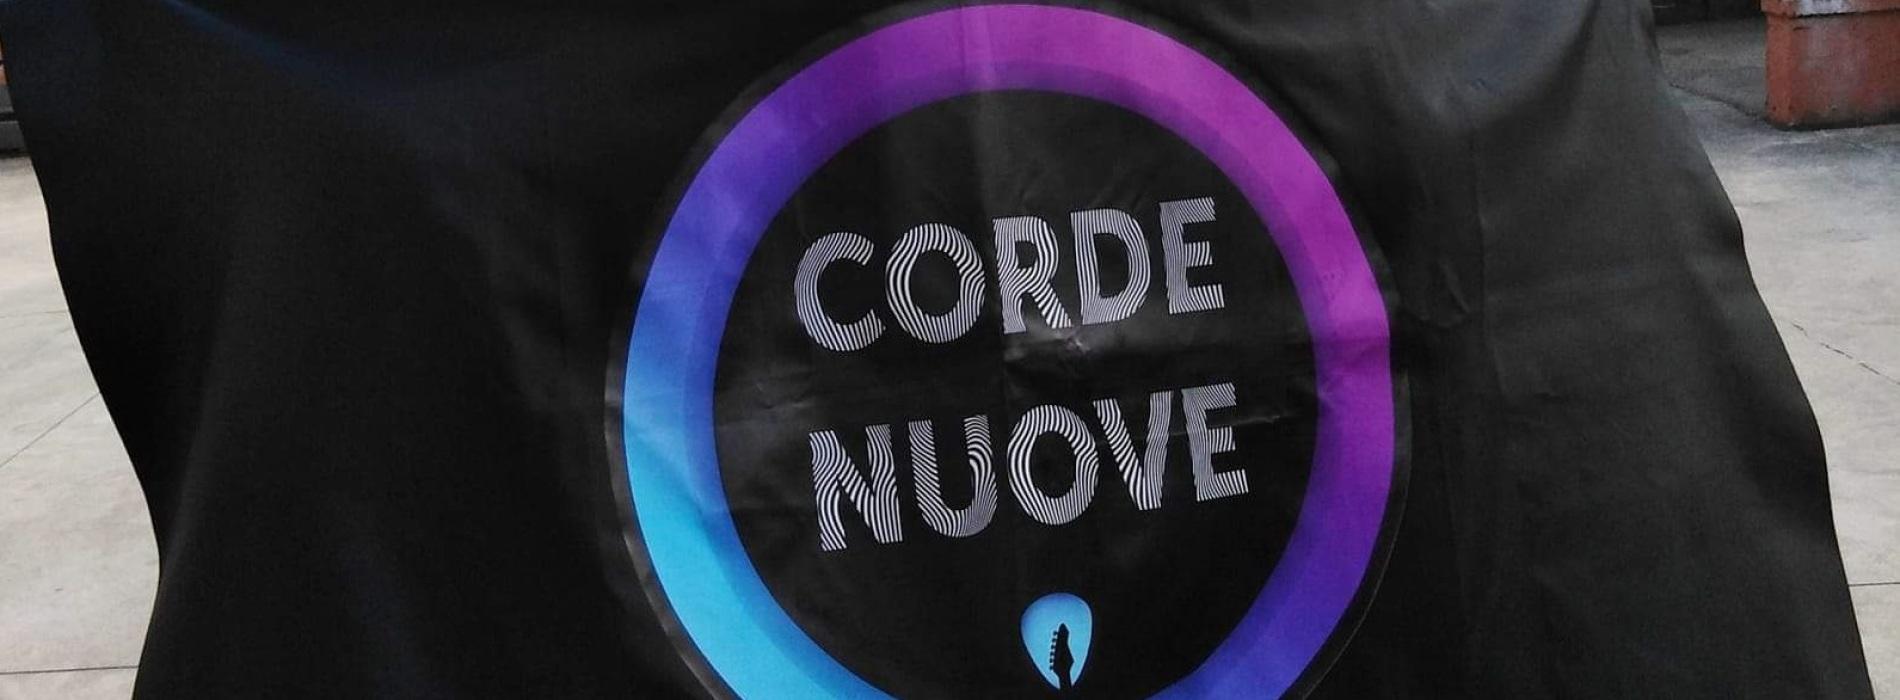 Corde Nuove, è a Casapulla il festival della musica emergente